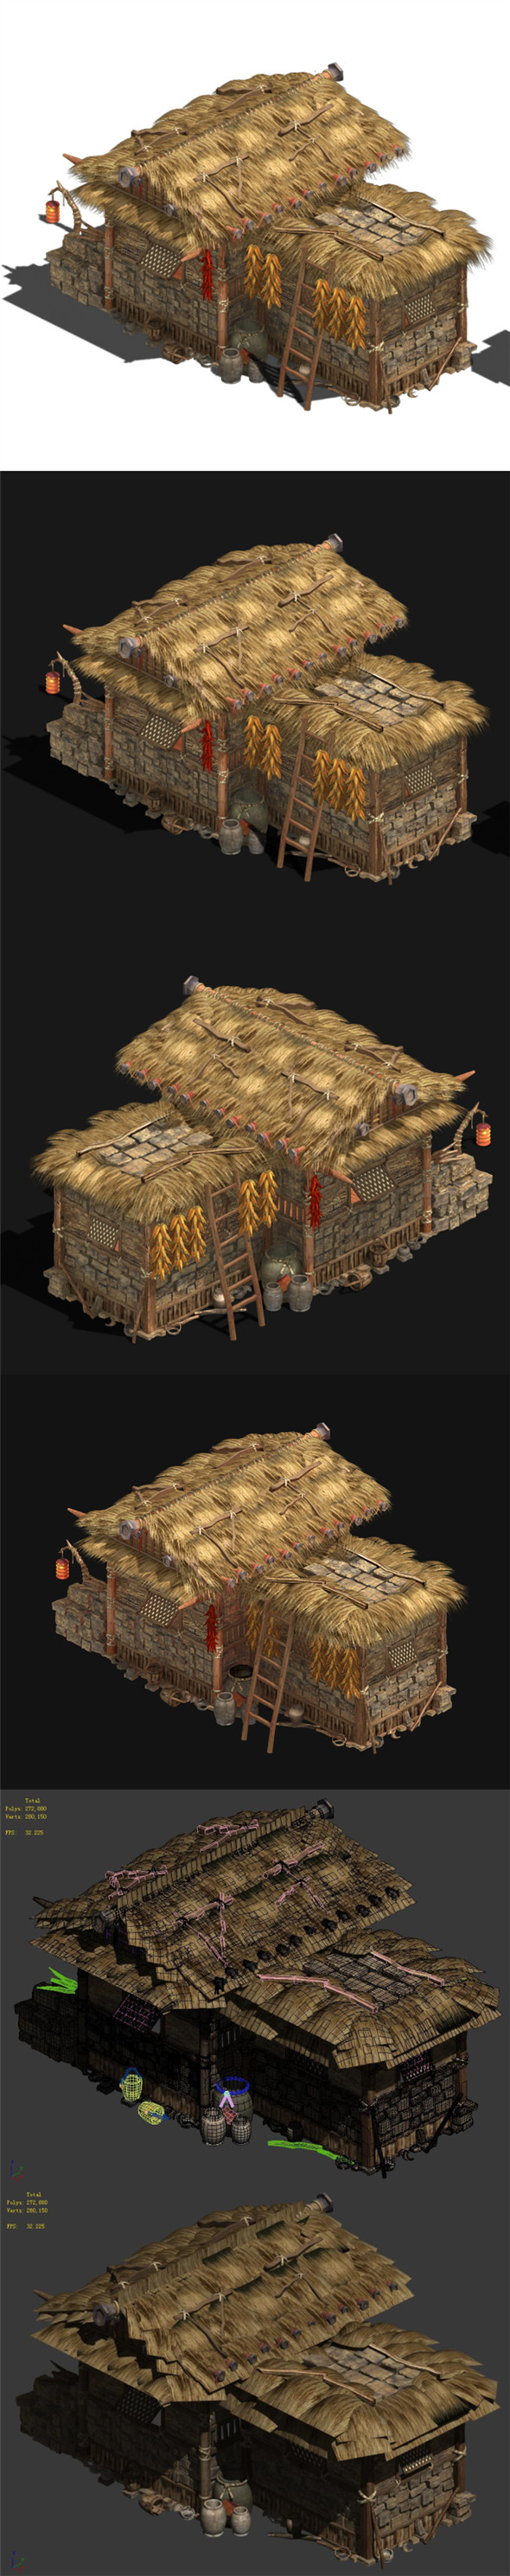 Folk Building - Thatched Cottage - 3DOcean Item for Sale